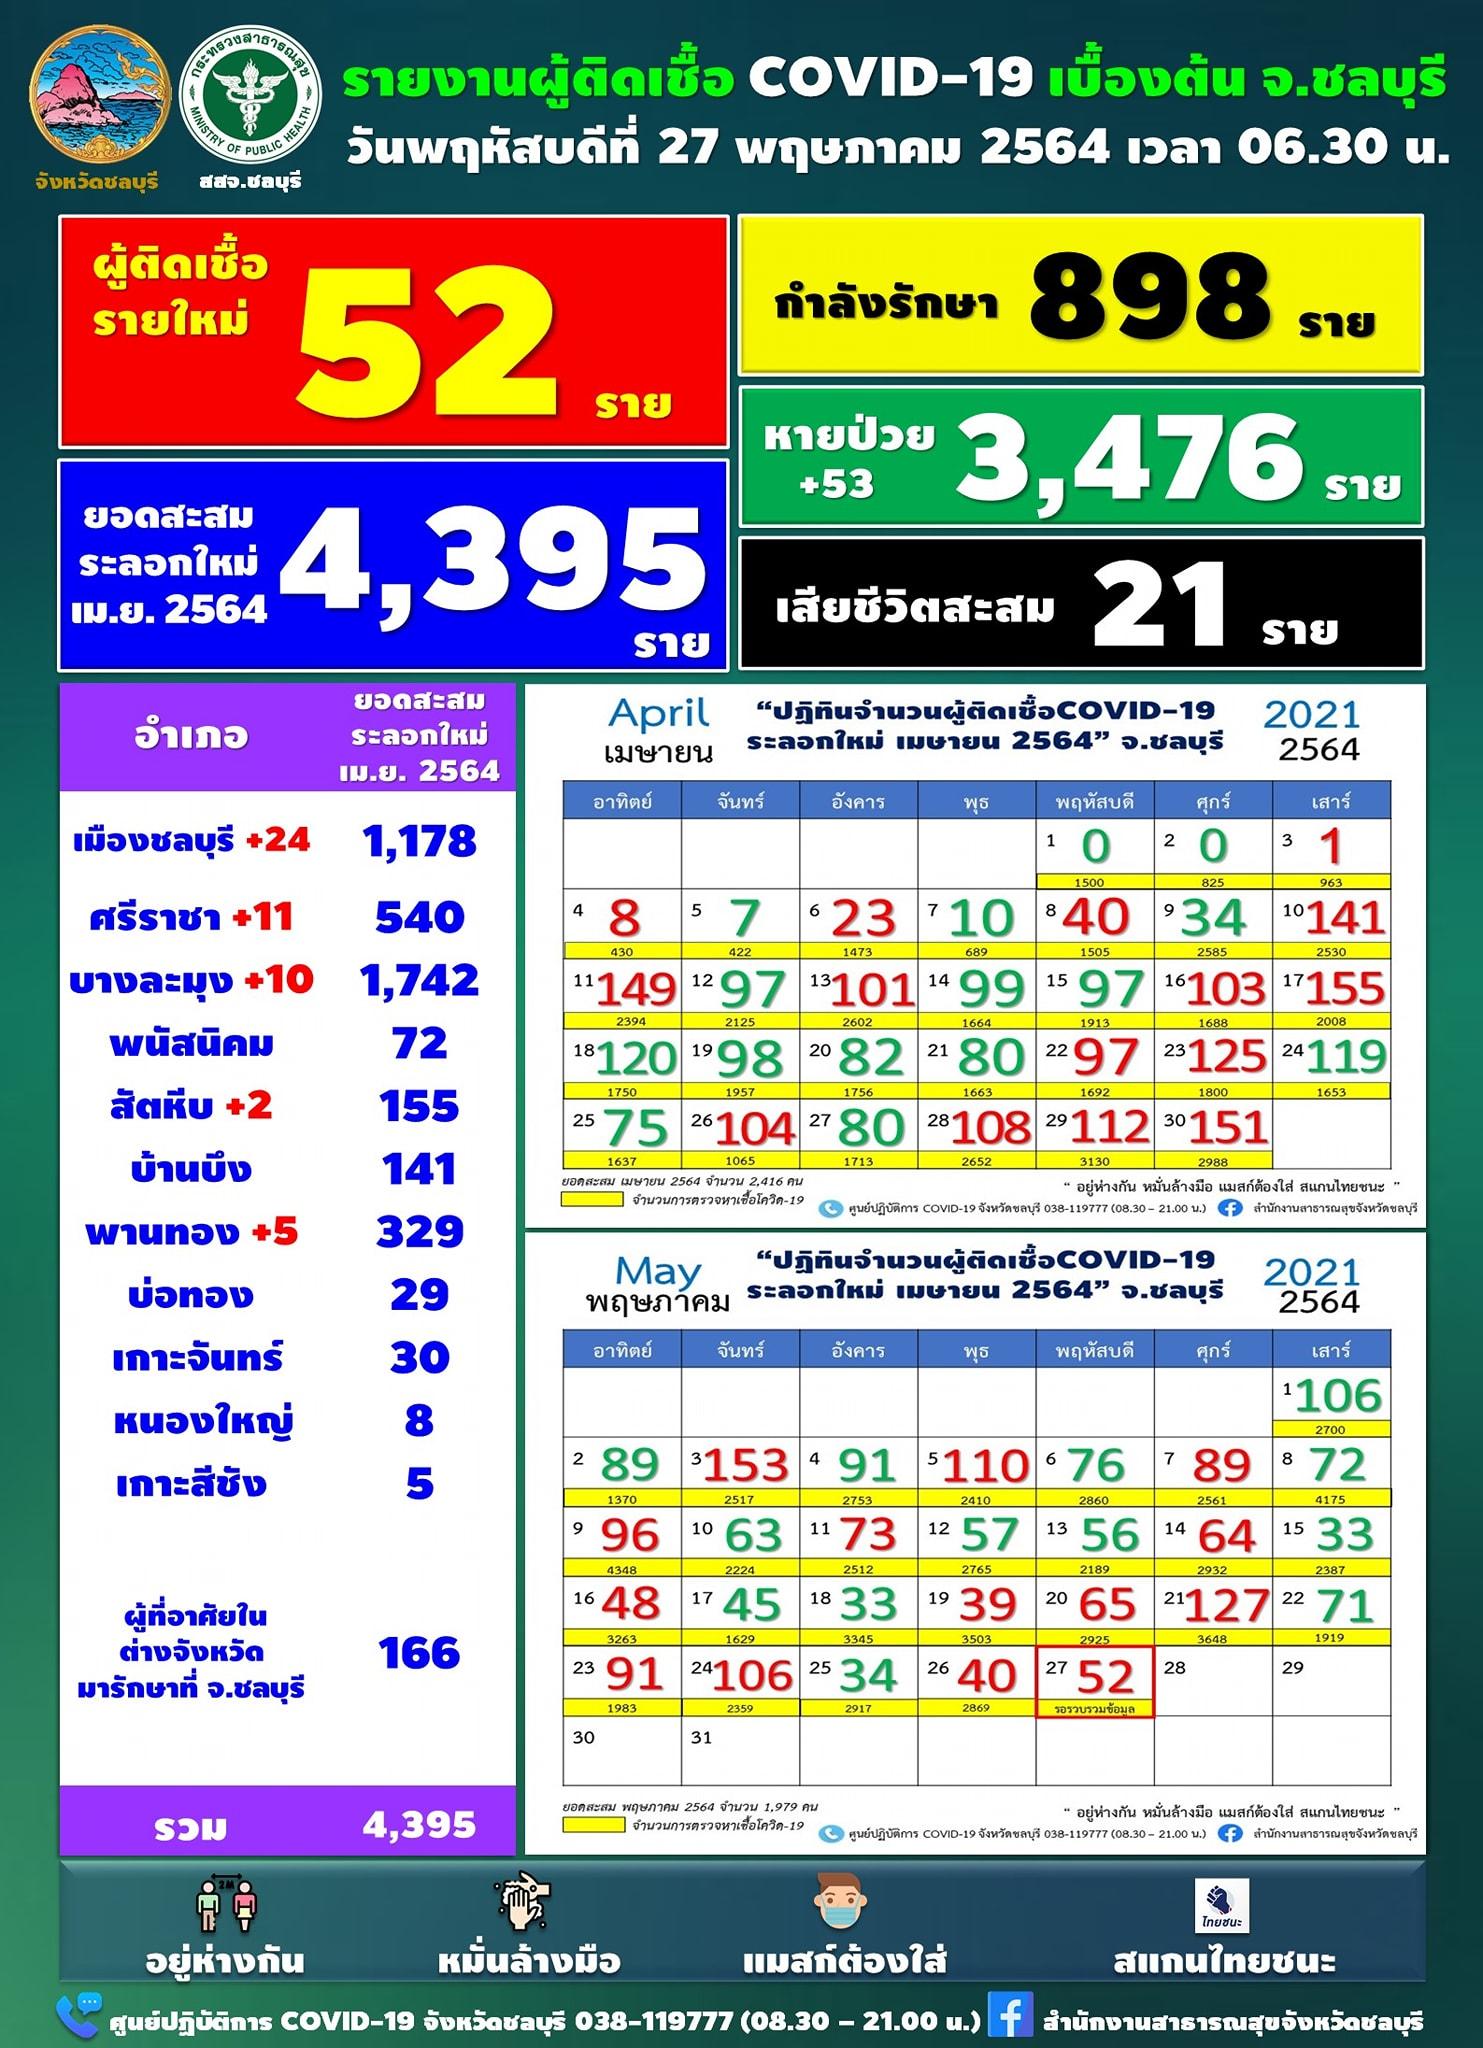 チョンブリ県 1日で52人陽性[2021年5月27日発表]